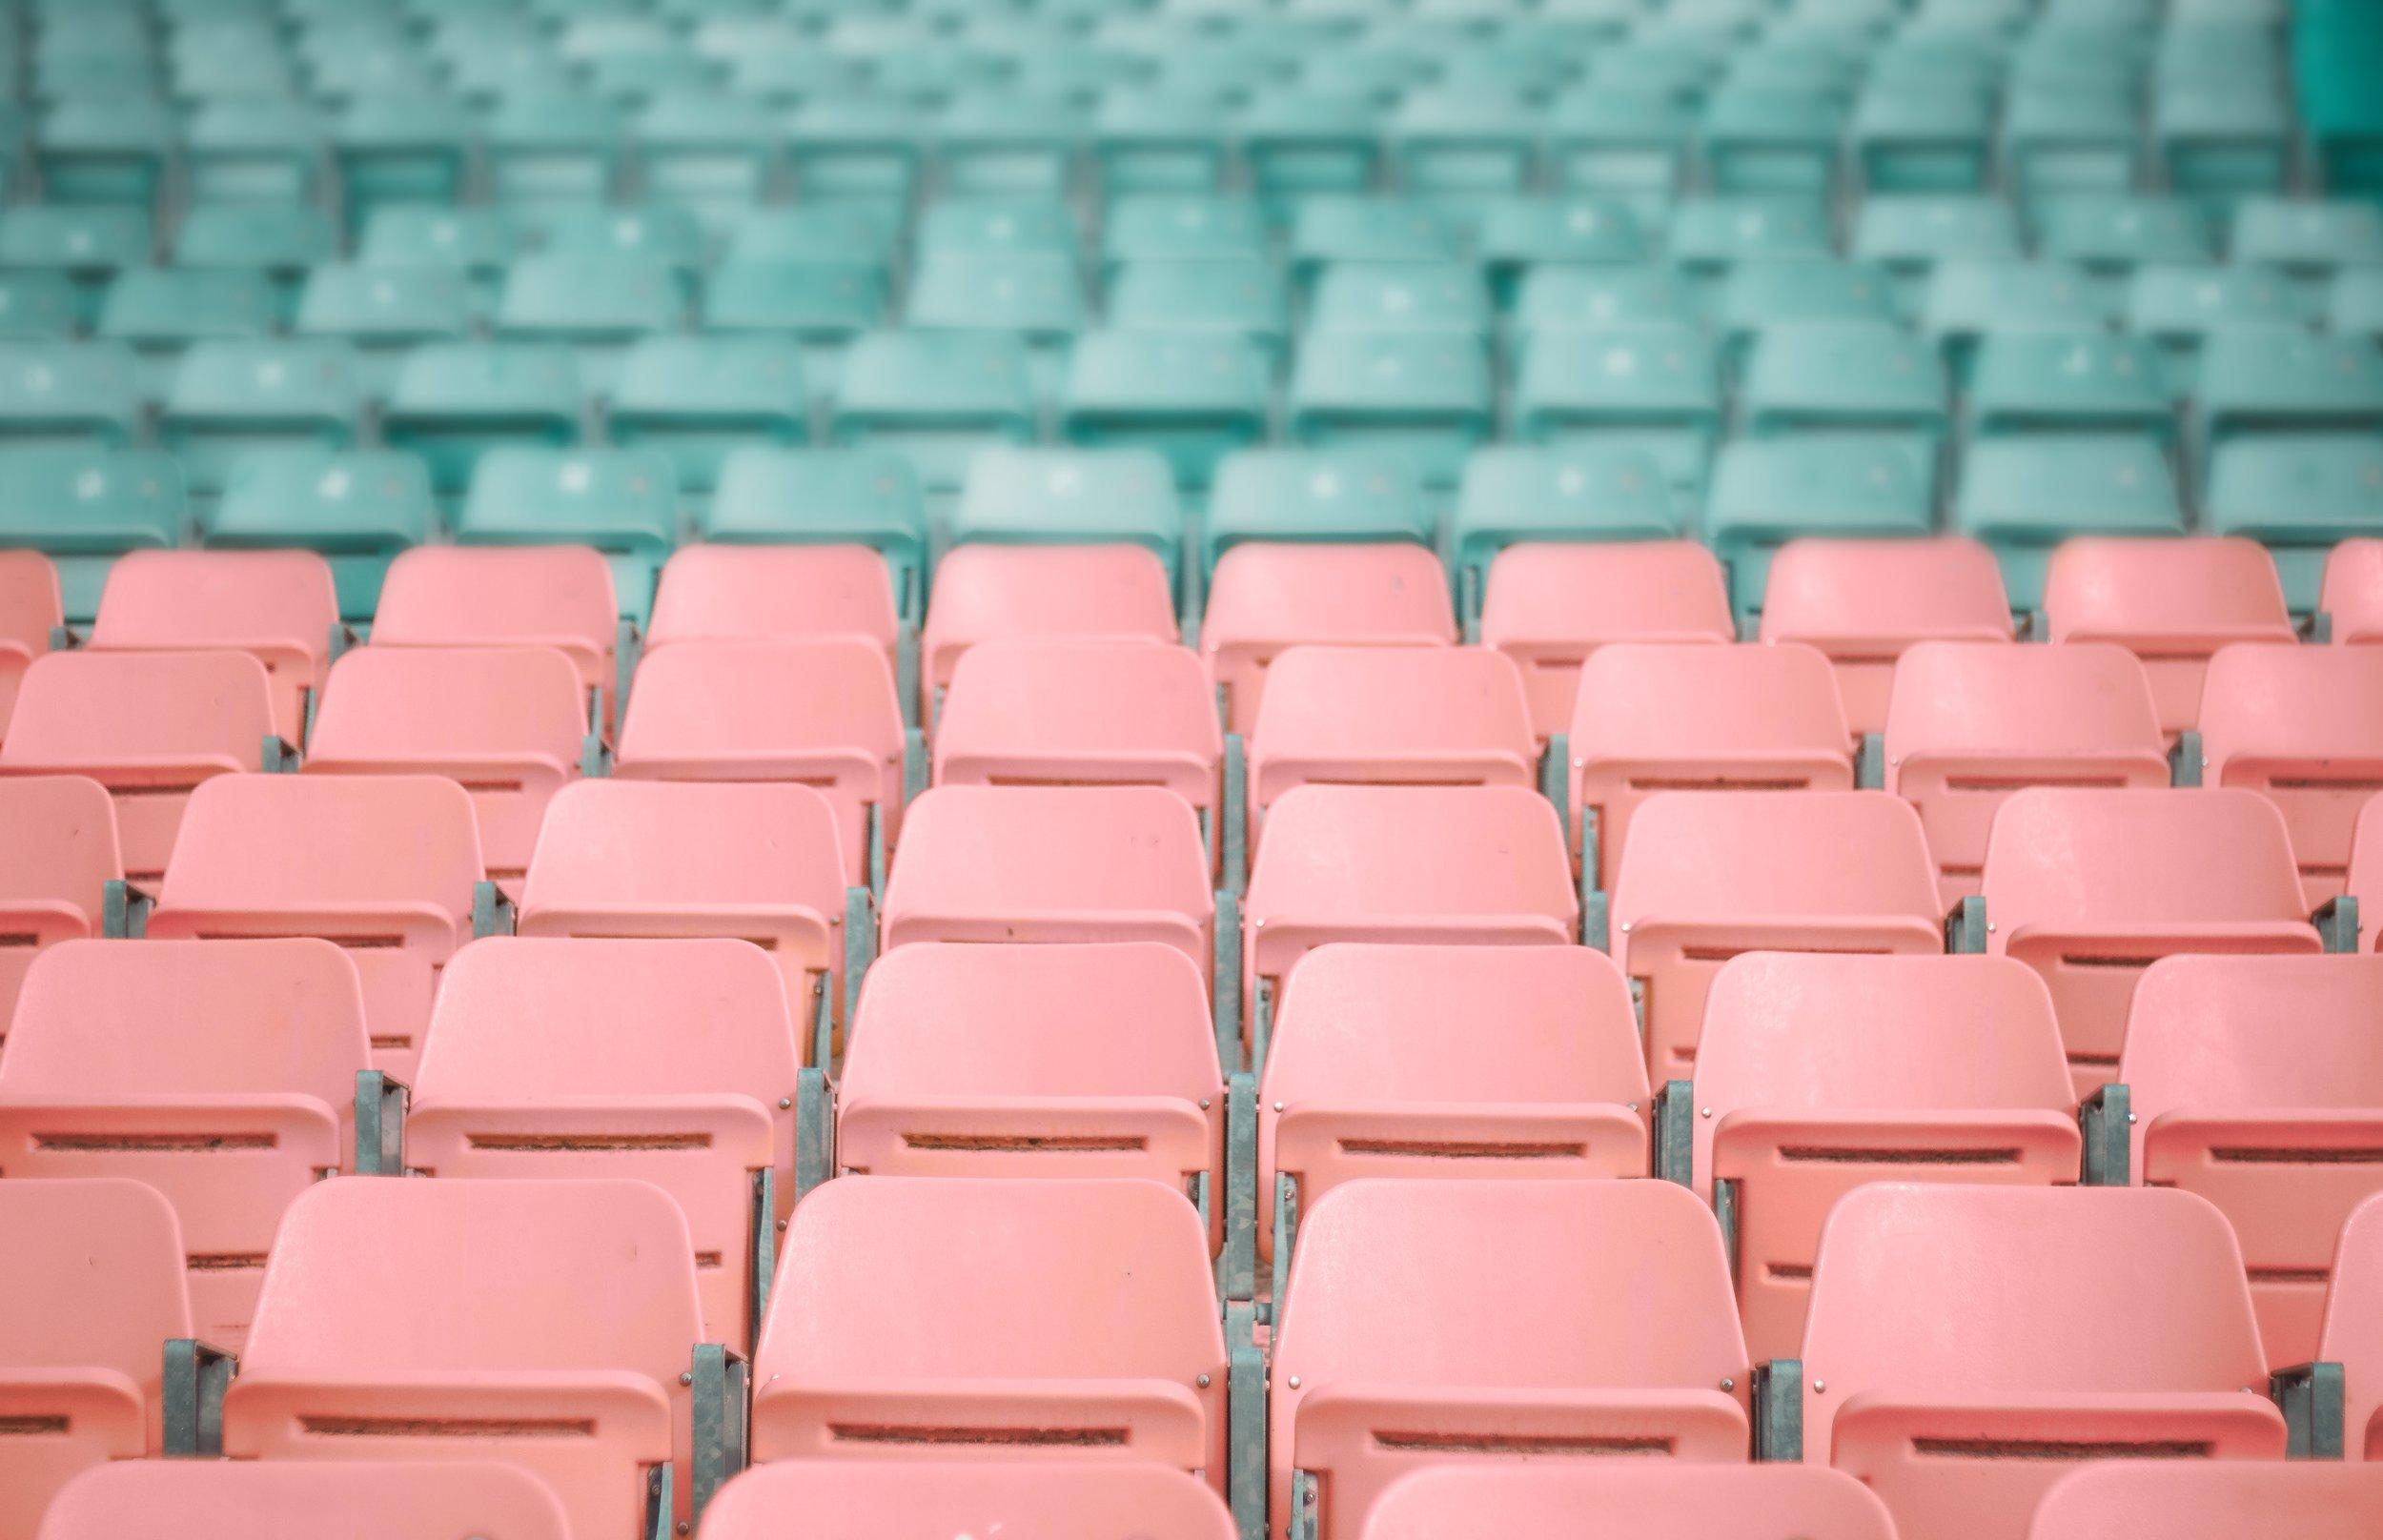 bleachers-blur-chairs-752036.jpg